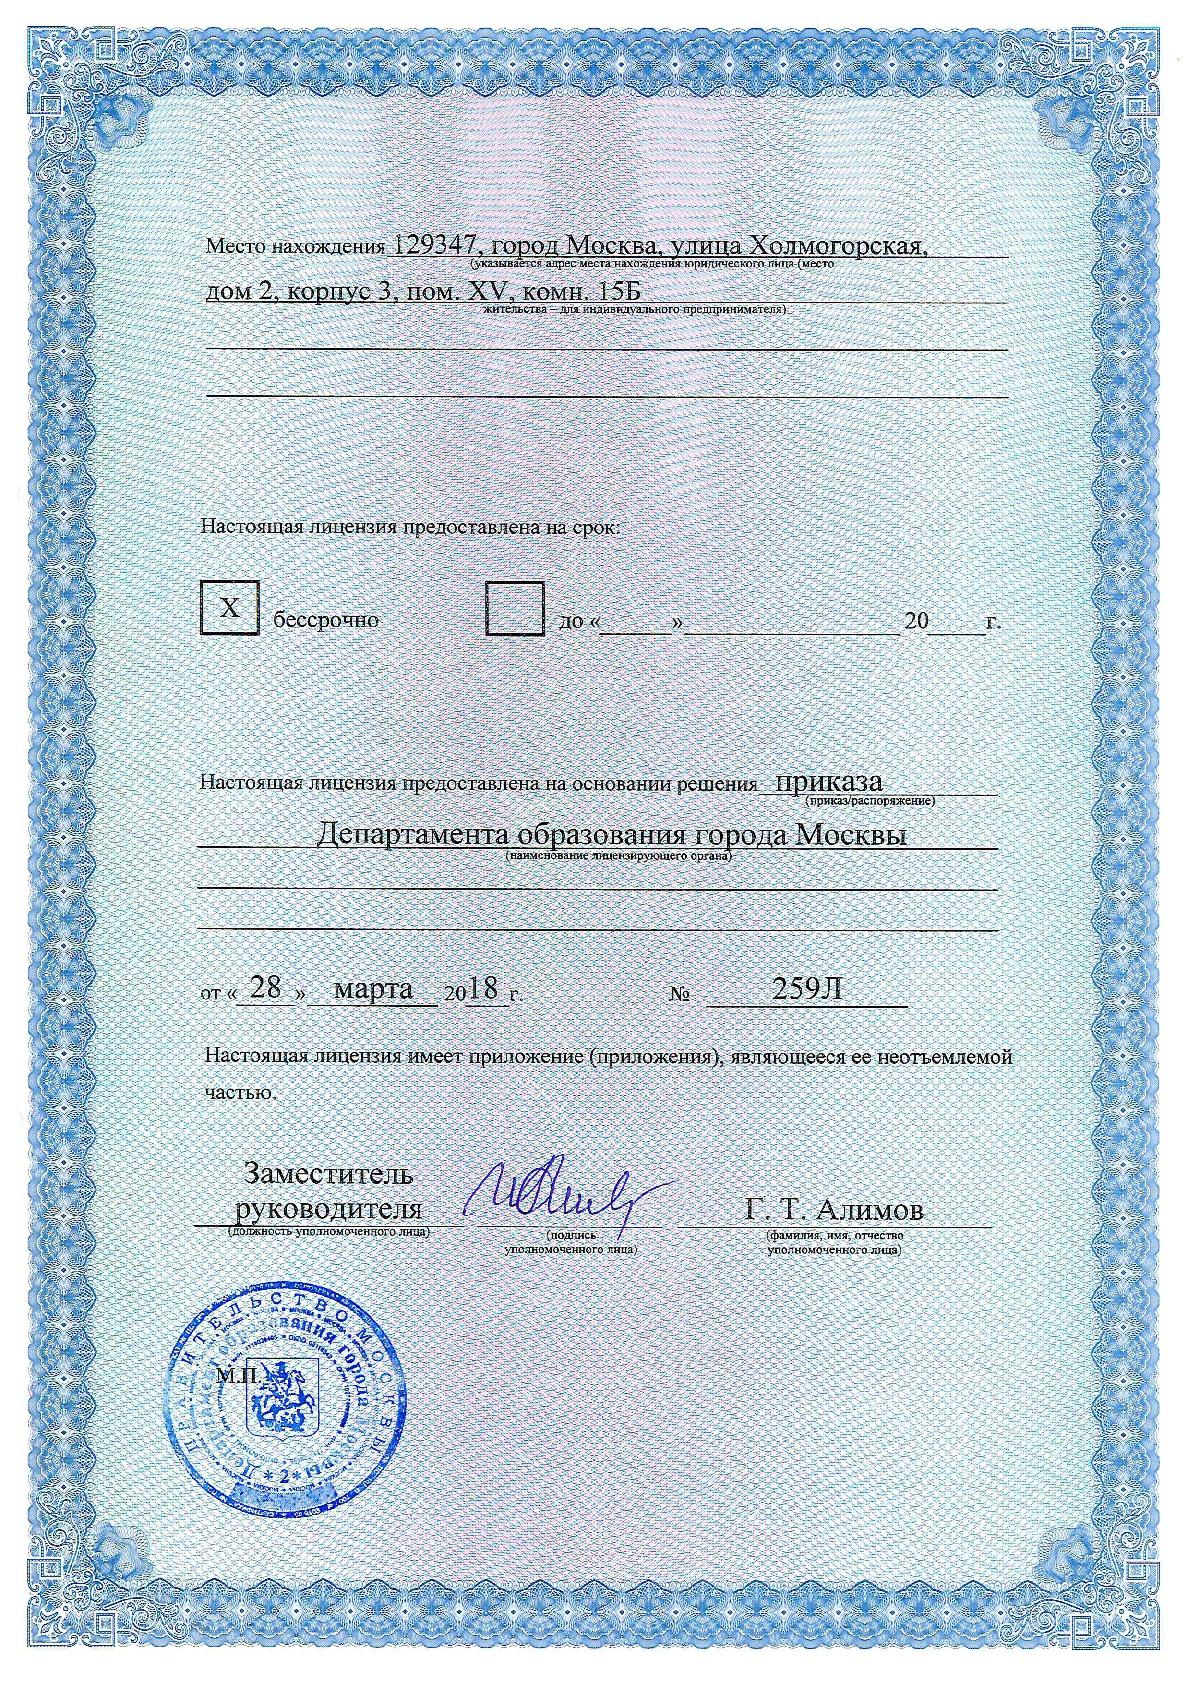 Лицензия УЦ ЛСП 2